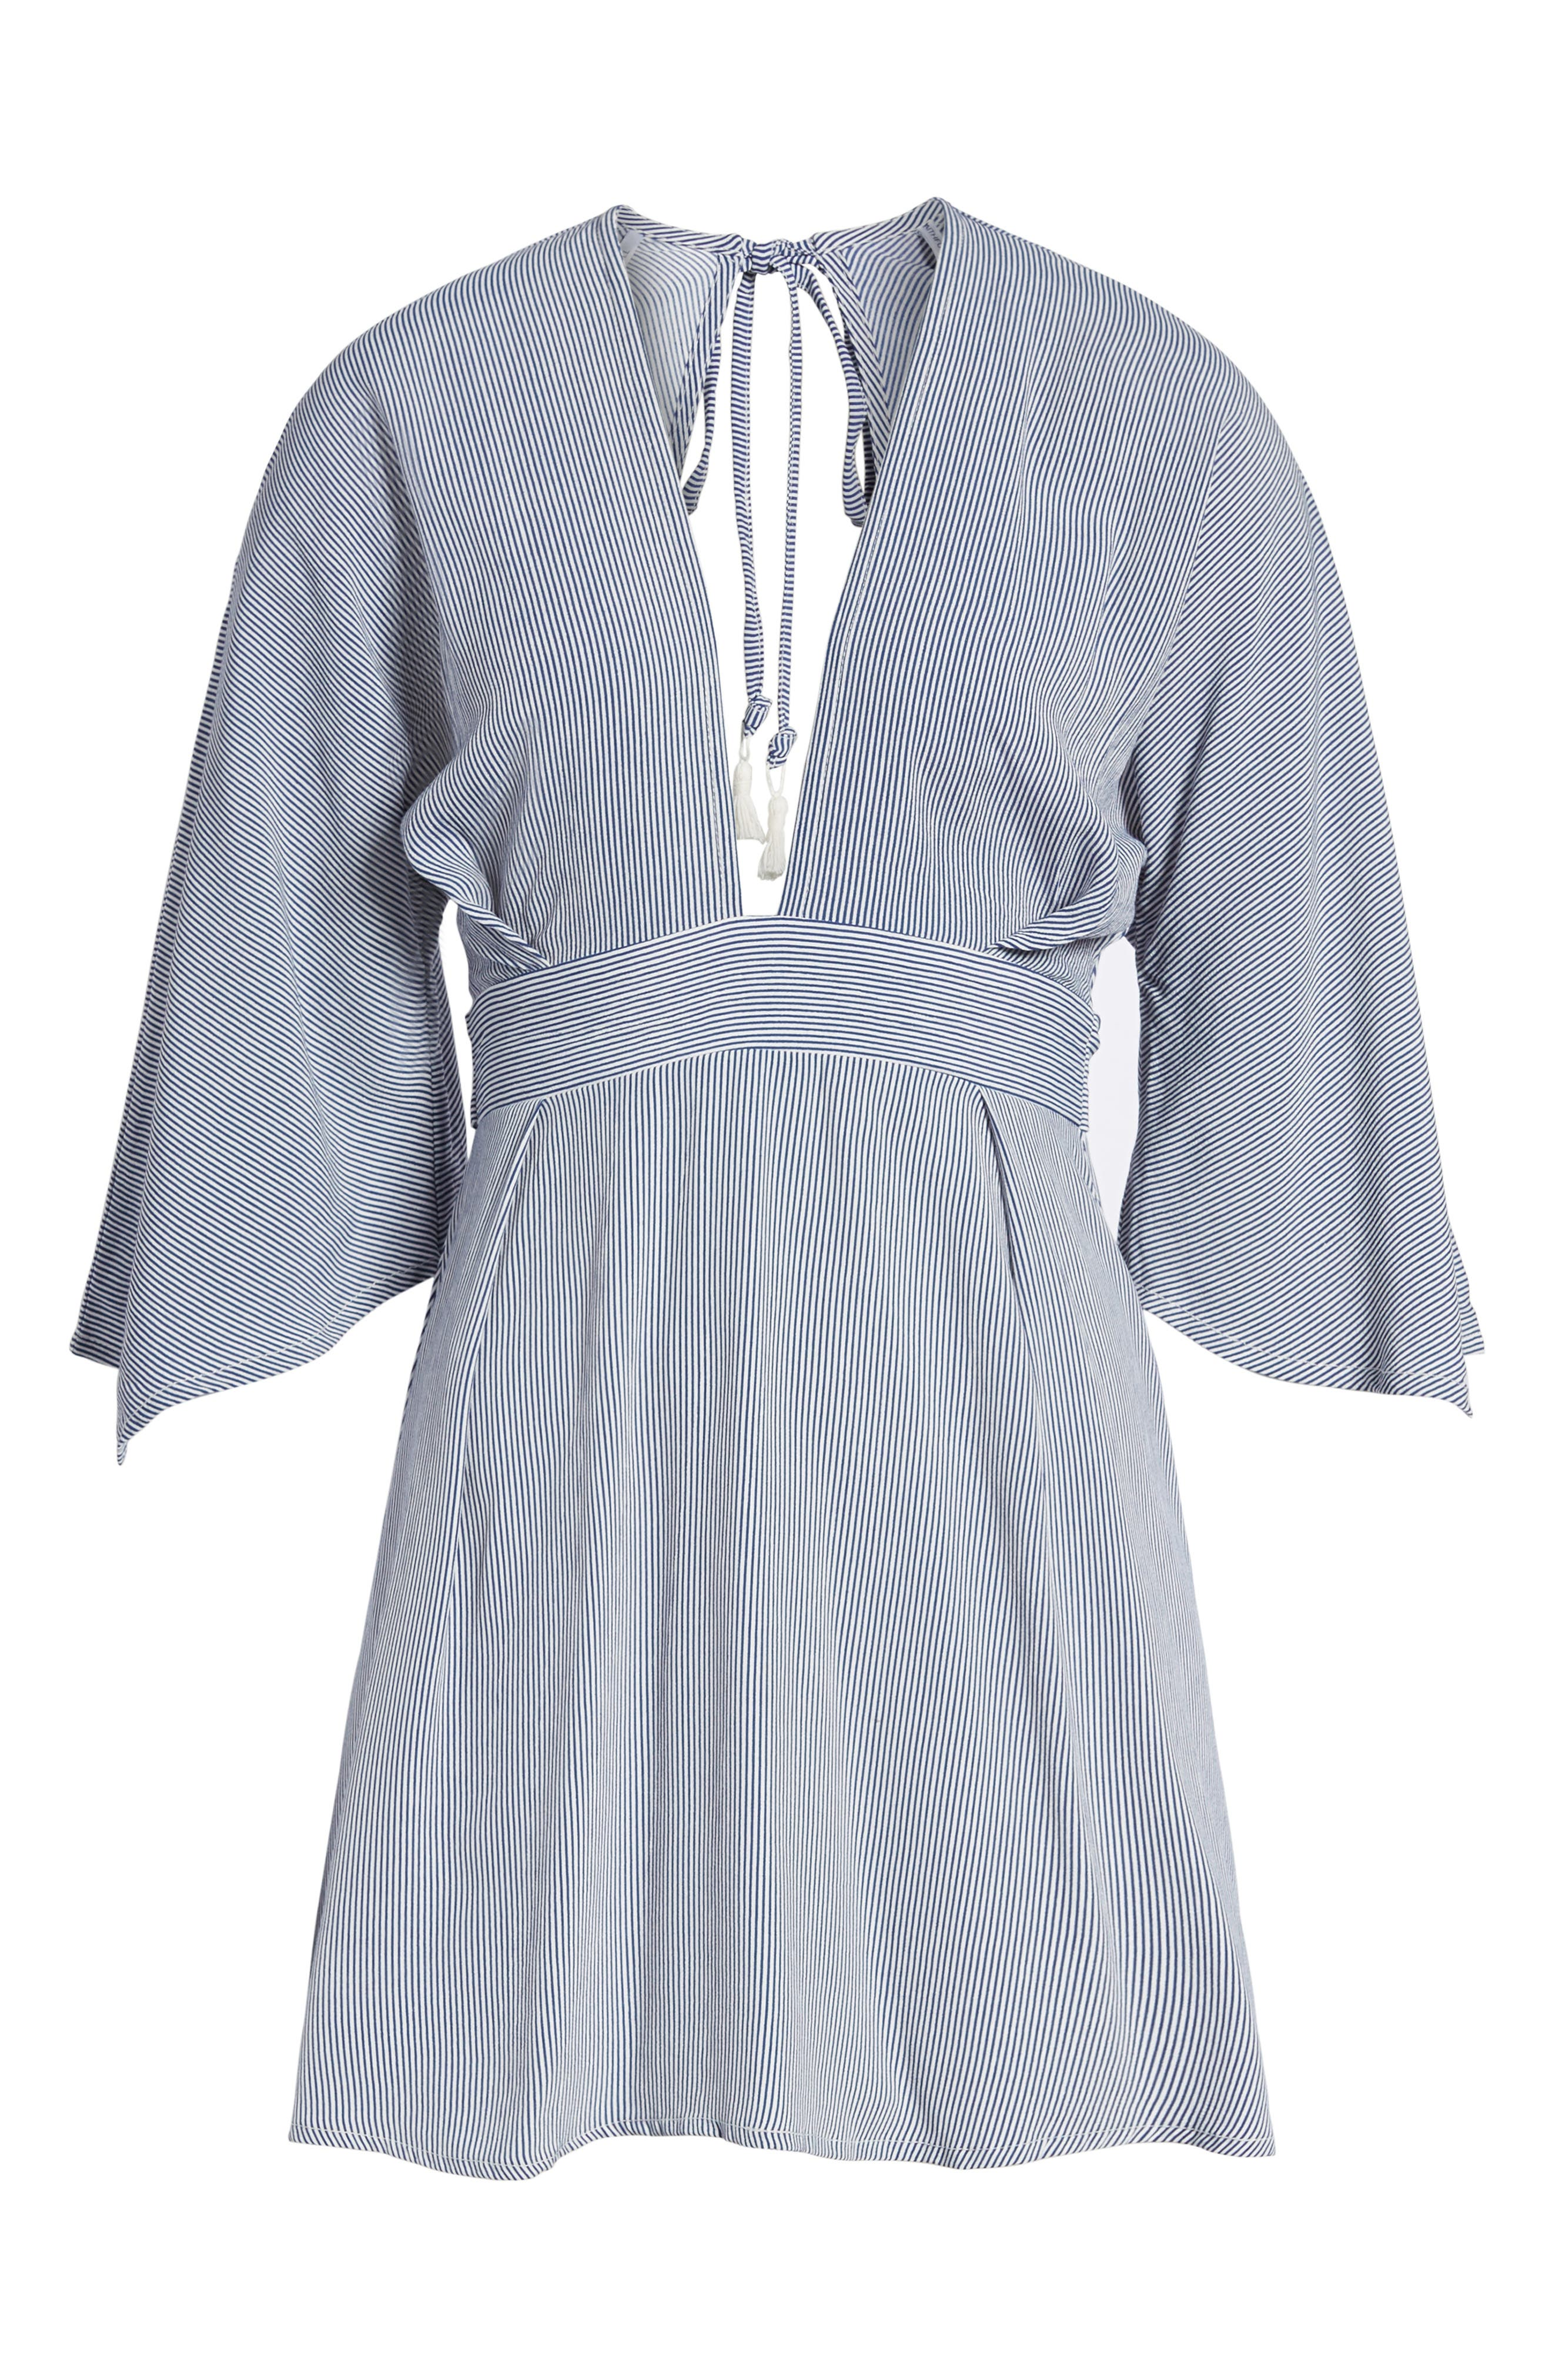 Nova Stripe Lace-Up Shirtdress,                             Alternate thumbnail 7, color,                             400